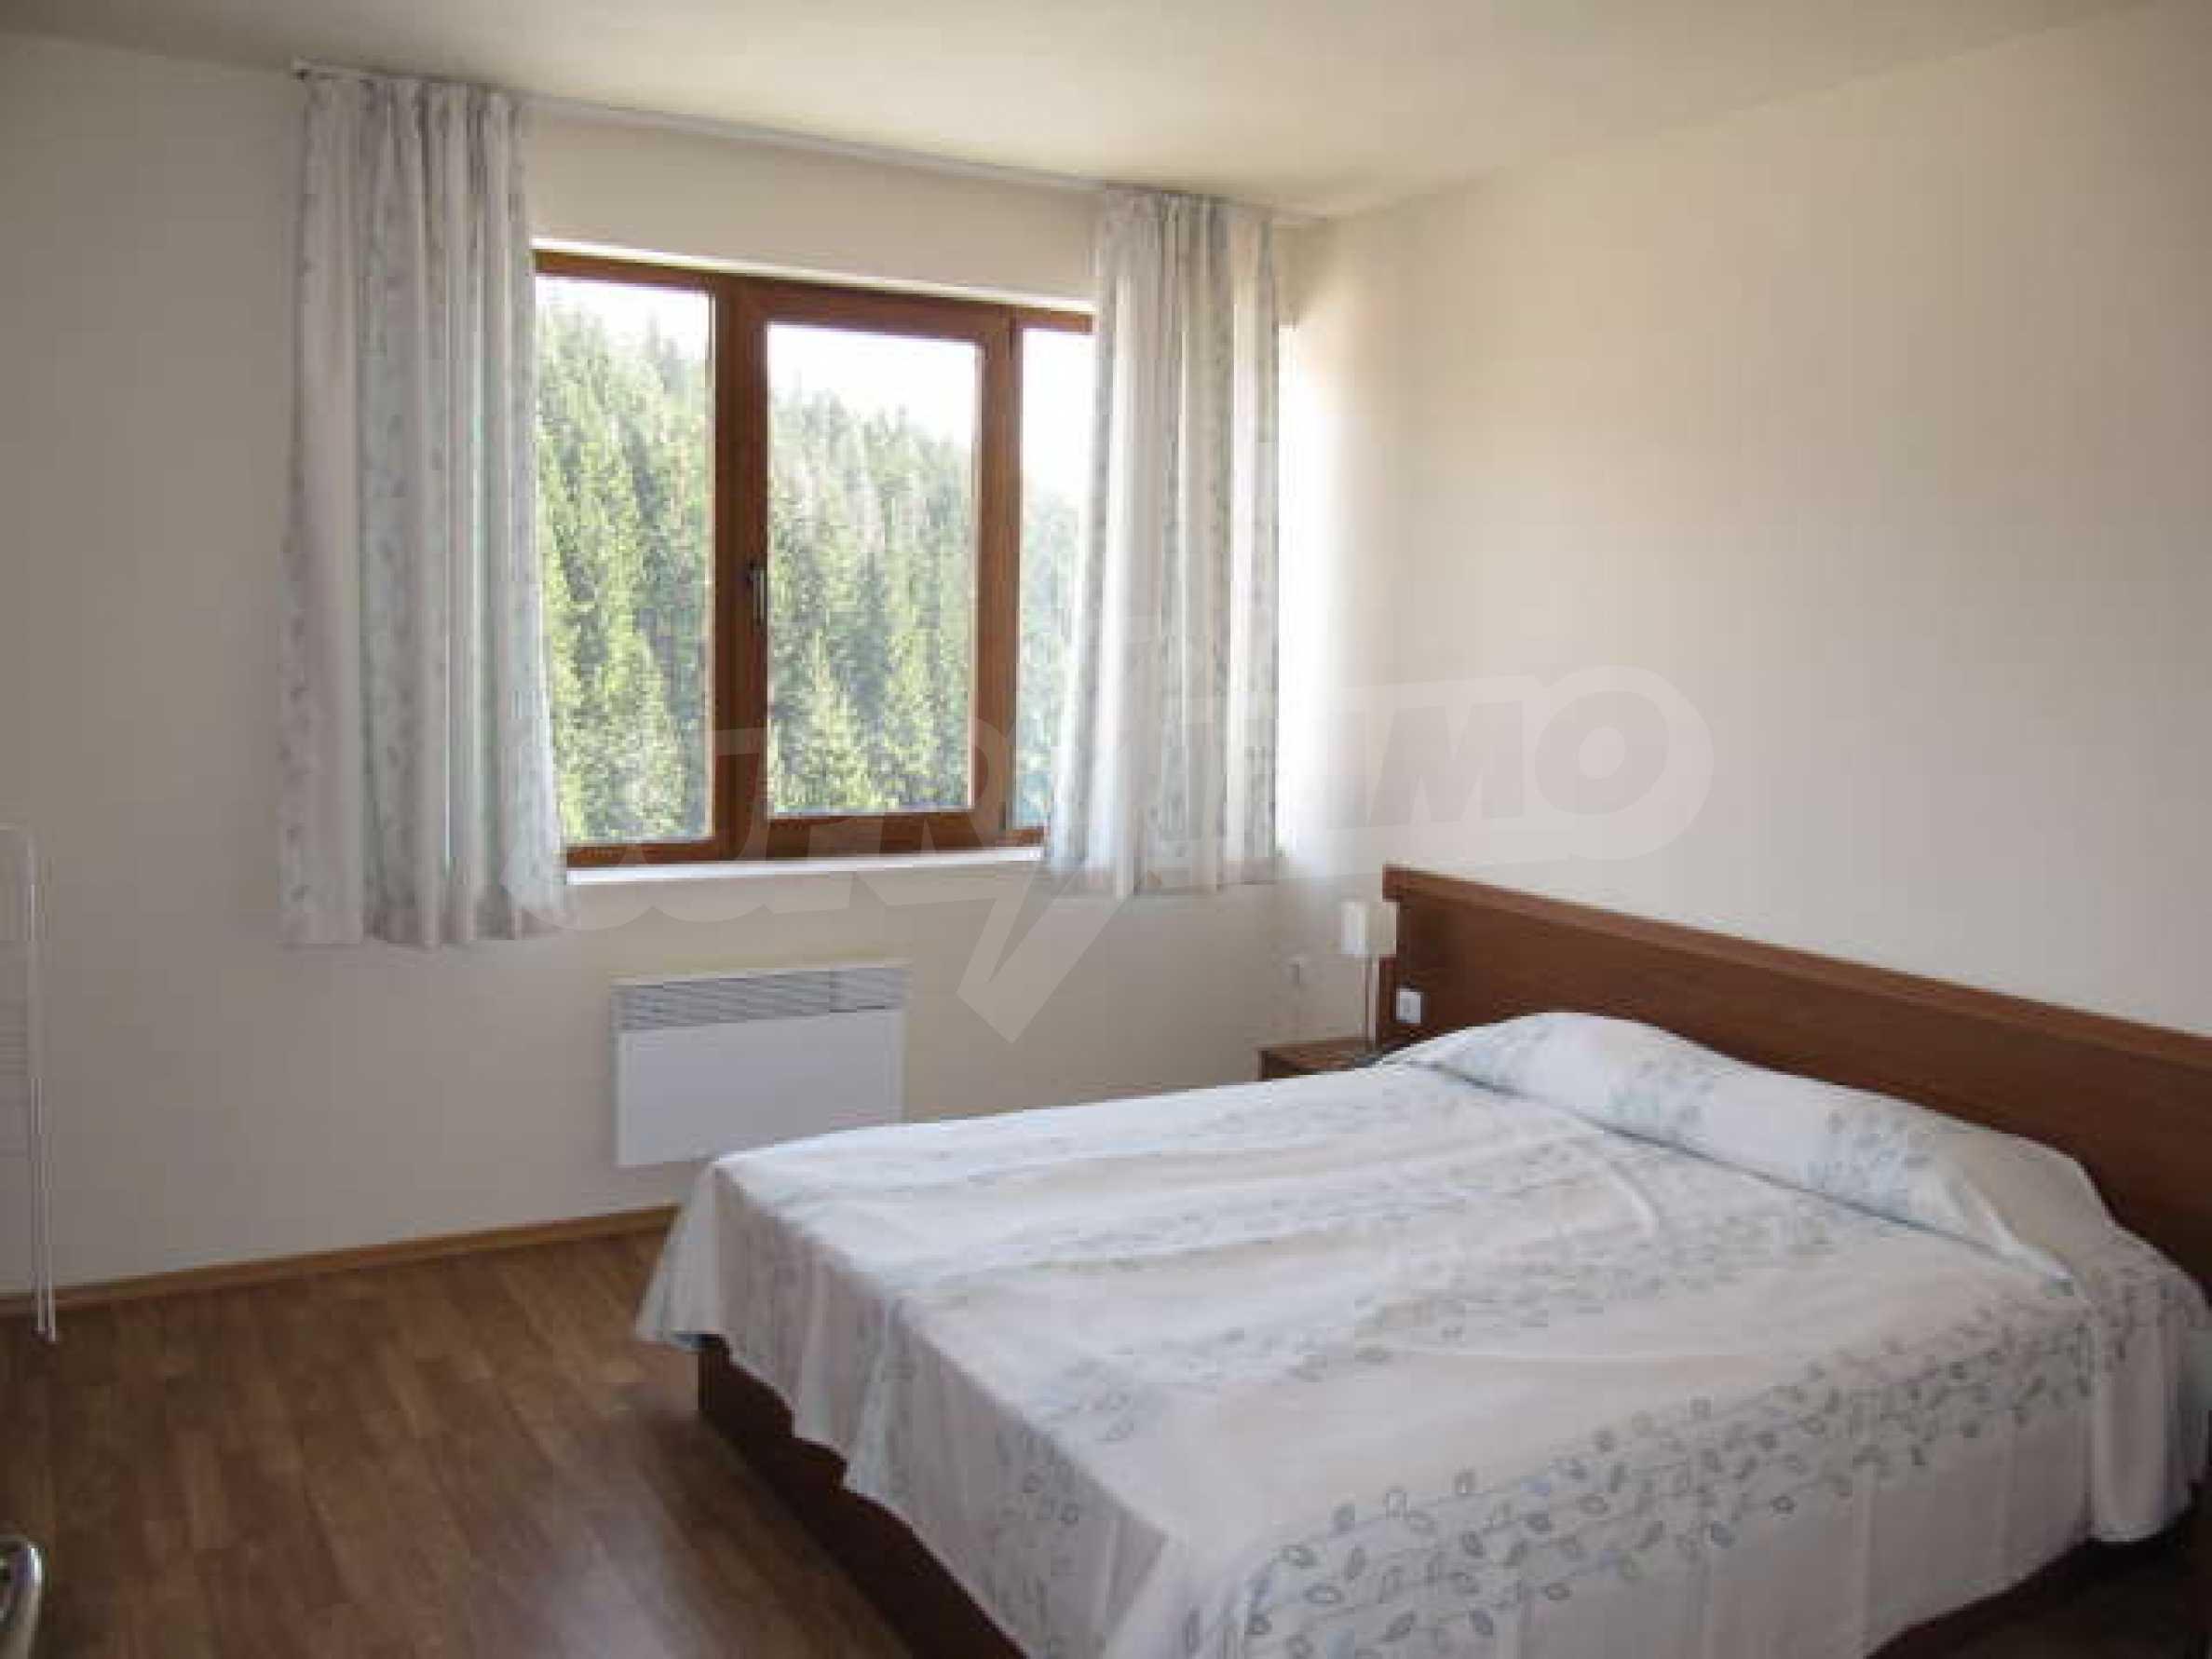 Komplett eingerichtete und ausgestattete Wohnung im Lucky-Komplex in Pamporovo 8